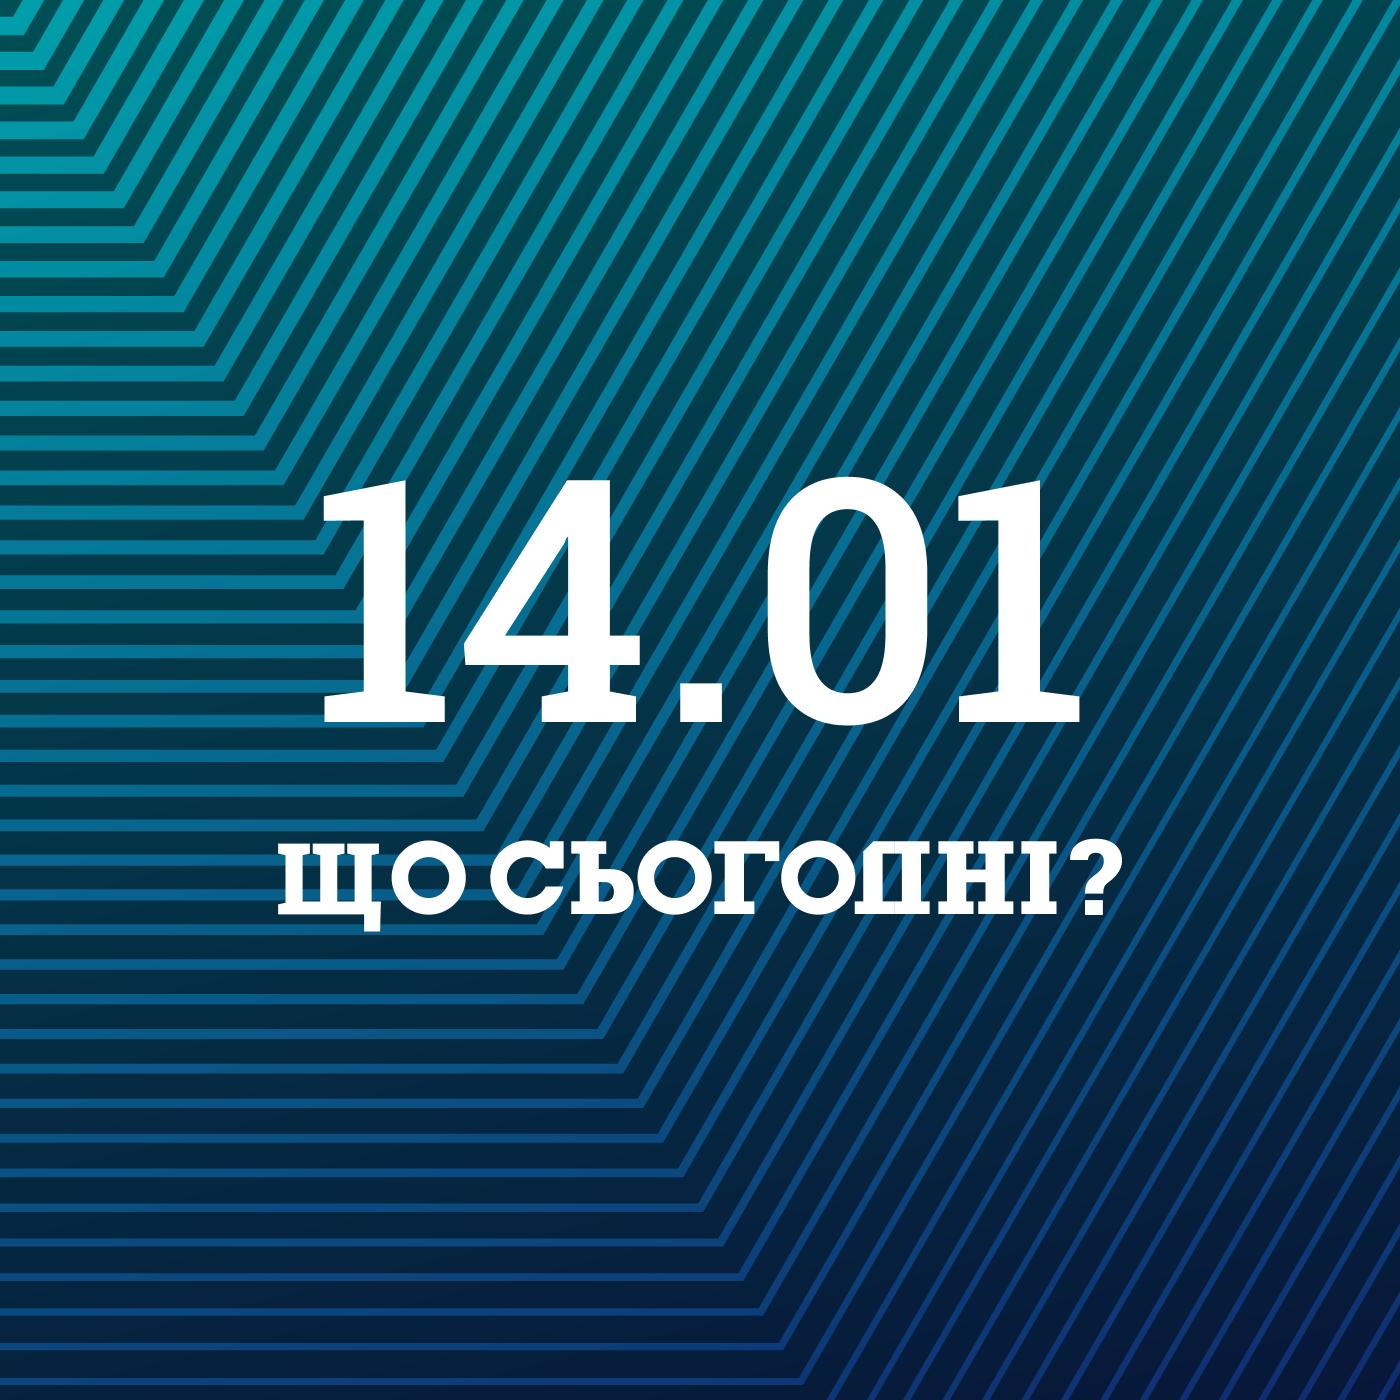 Що сьогодні: успіхи України в ЄСПЛ, санкції проти депутатів,